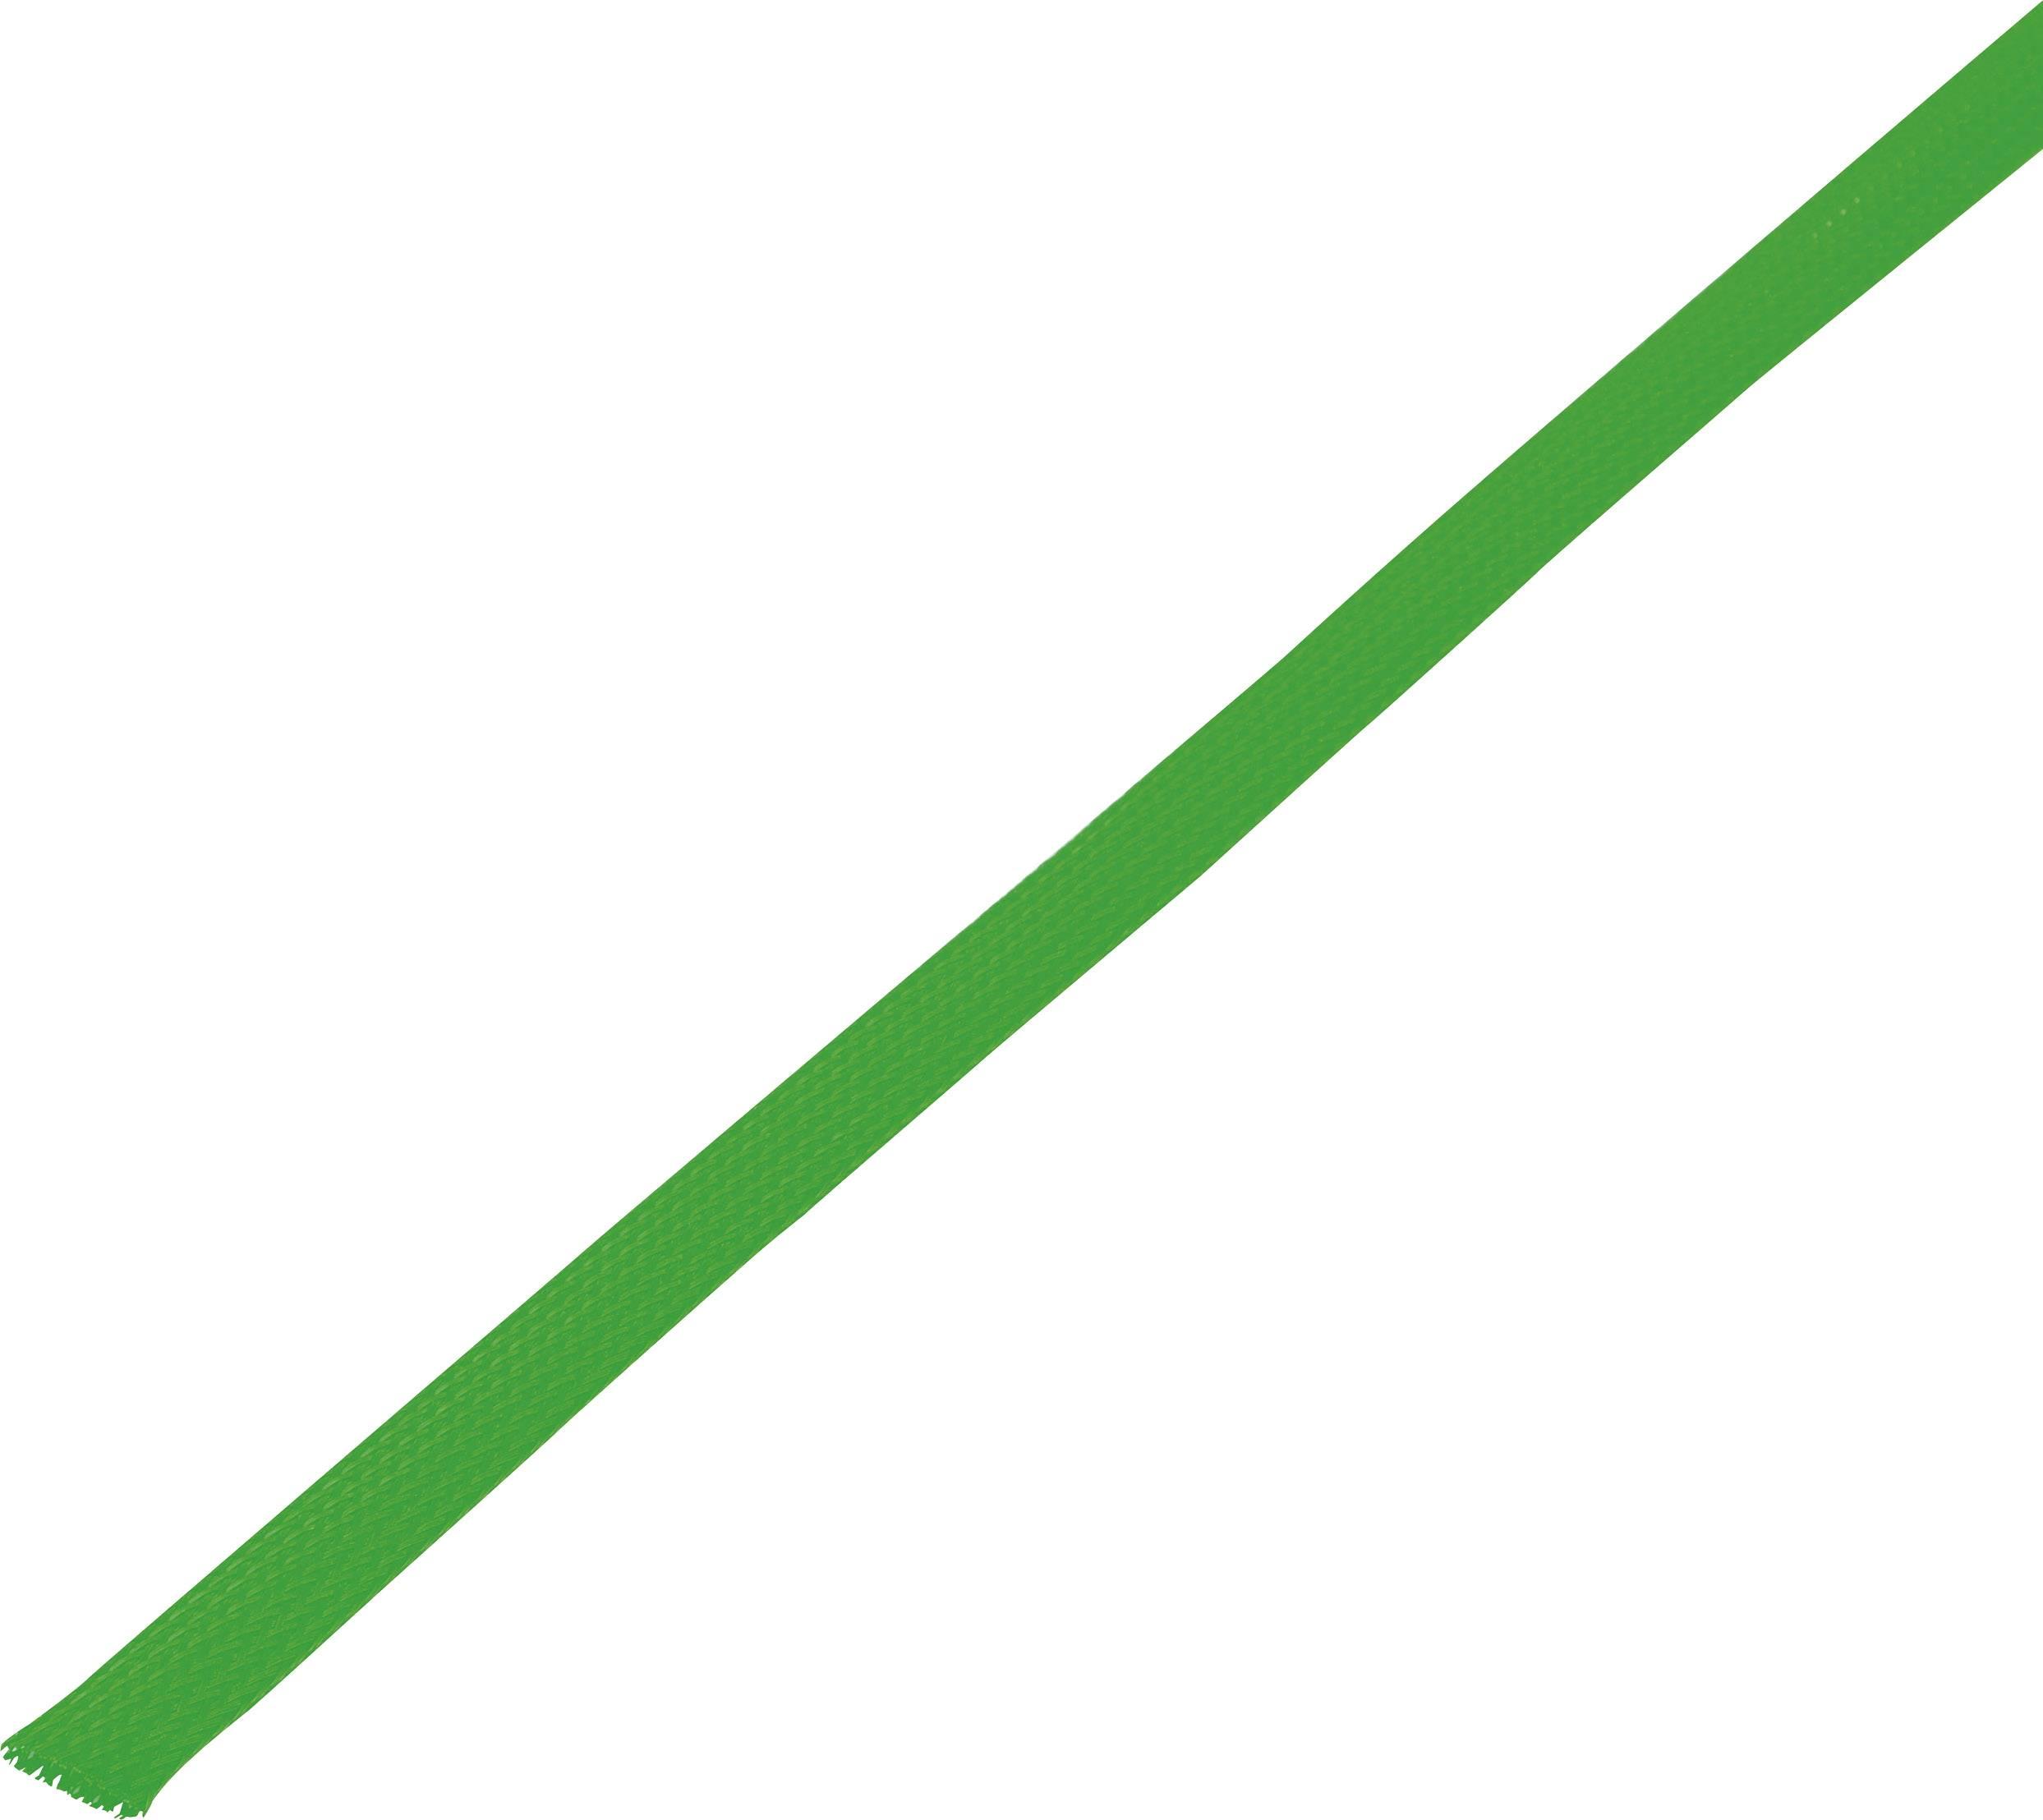 Ochranné opletenie CBBOX0510-GN Ø zväzku: 5 - 10 mm zelená 10 m